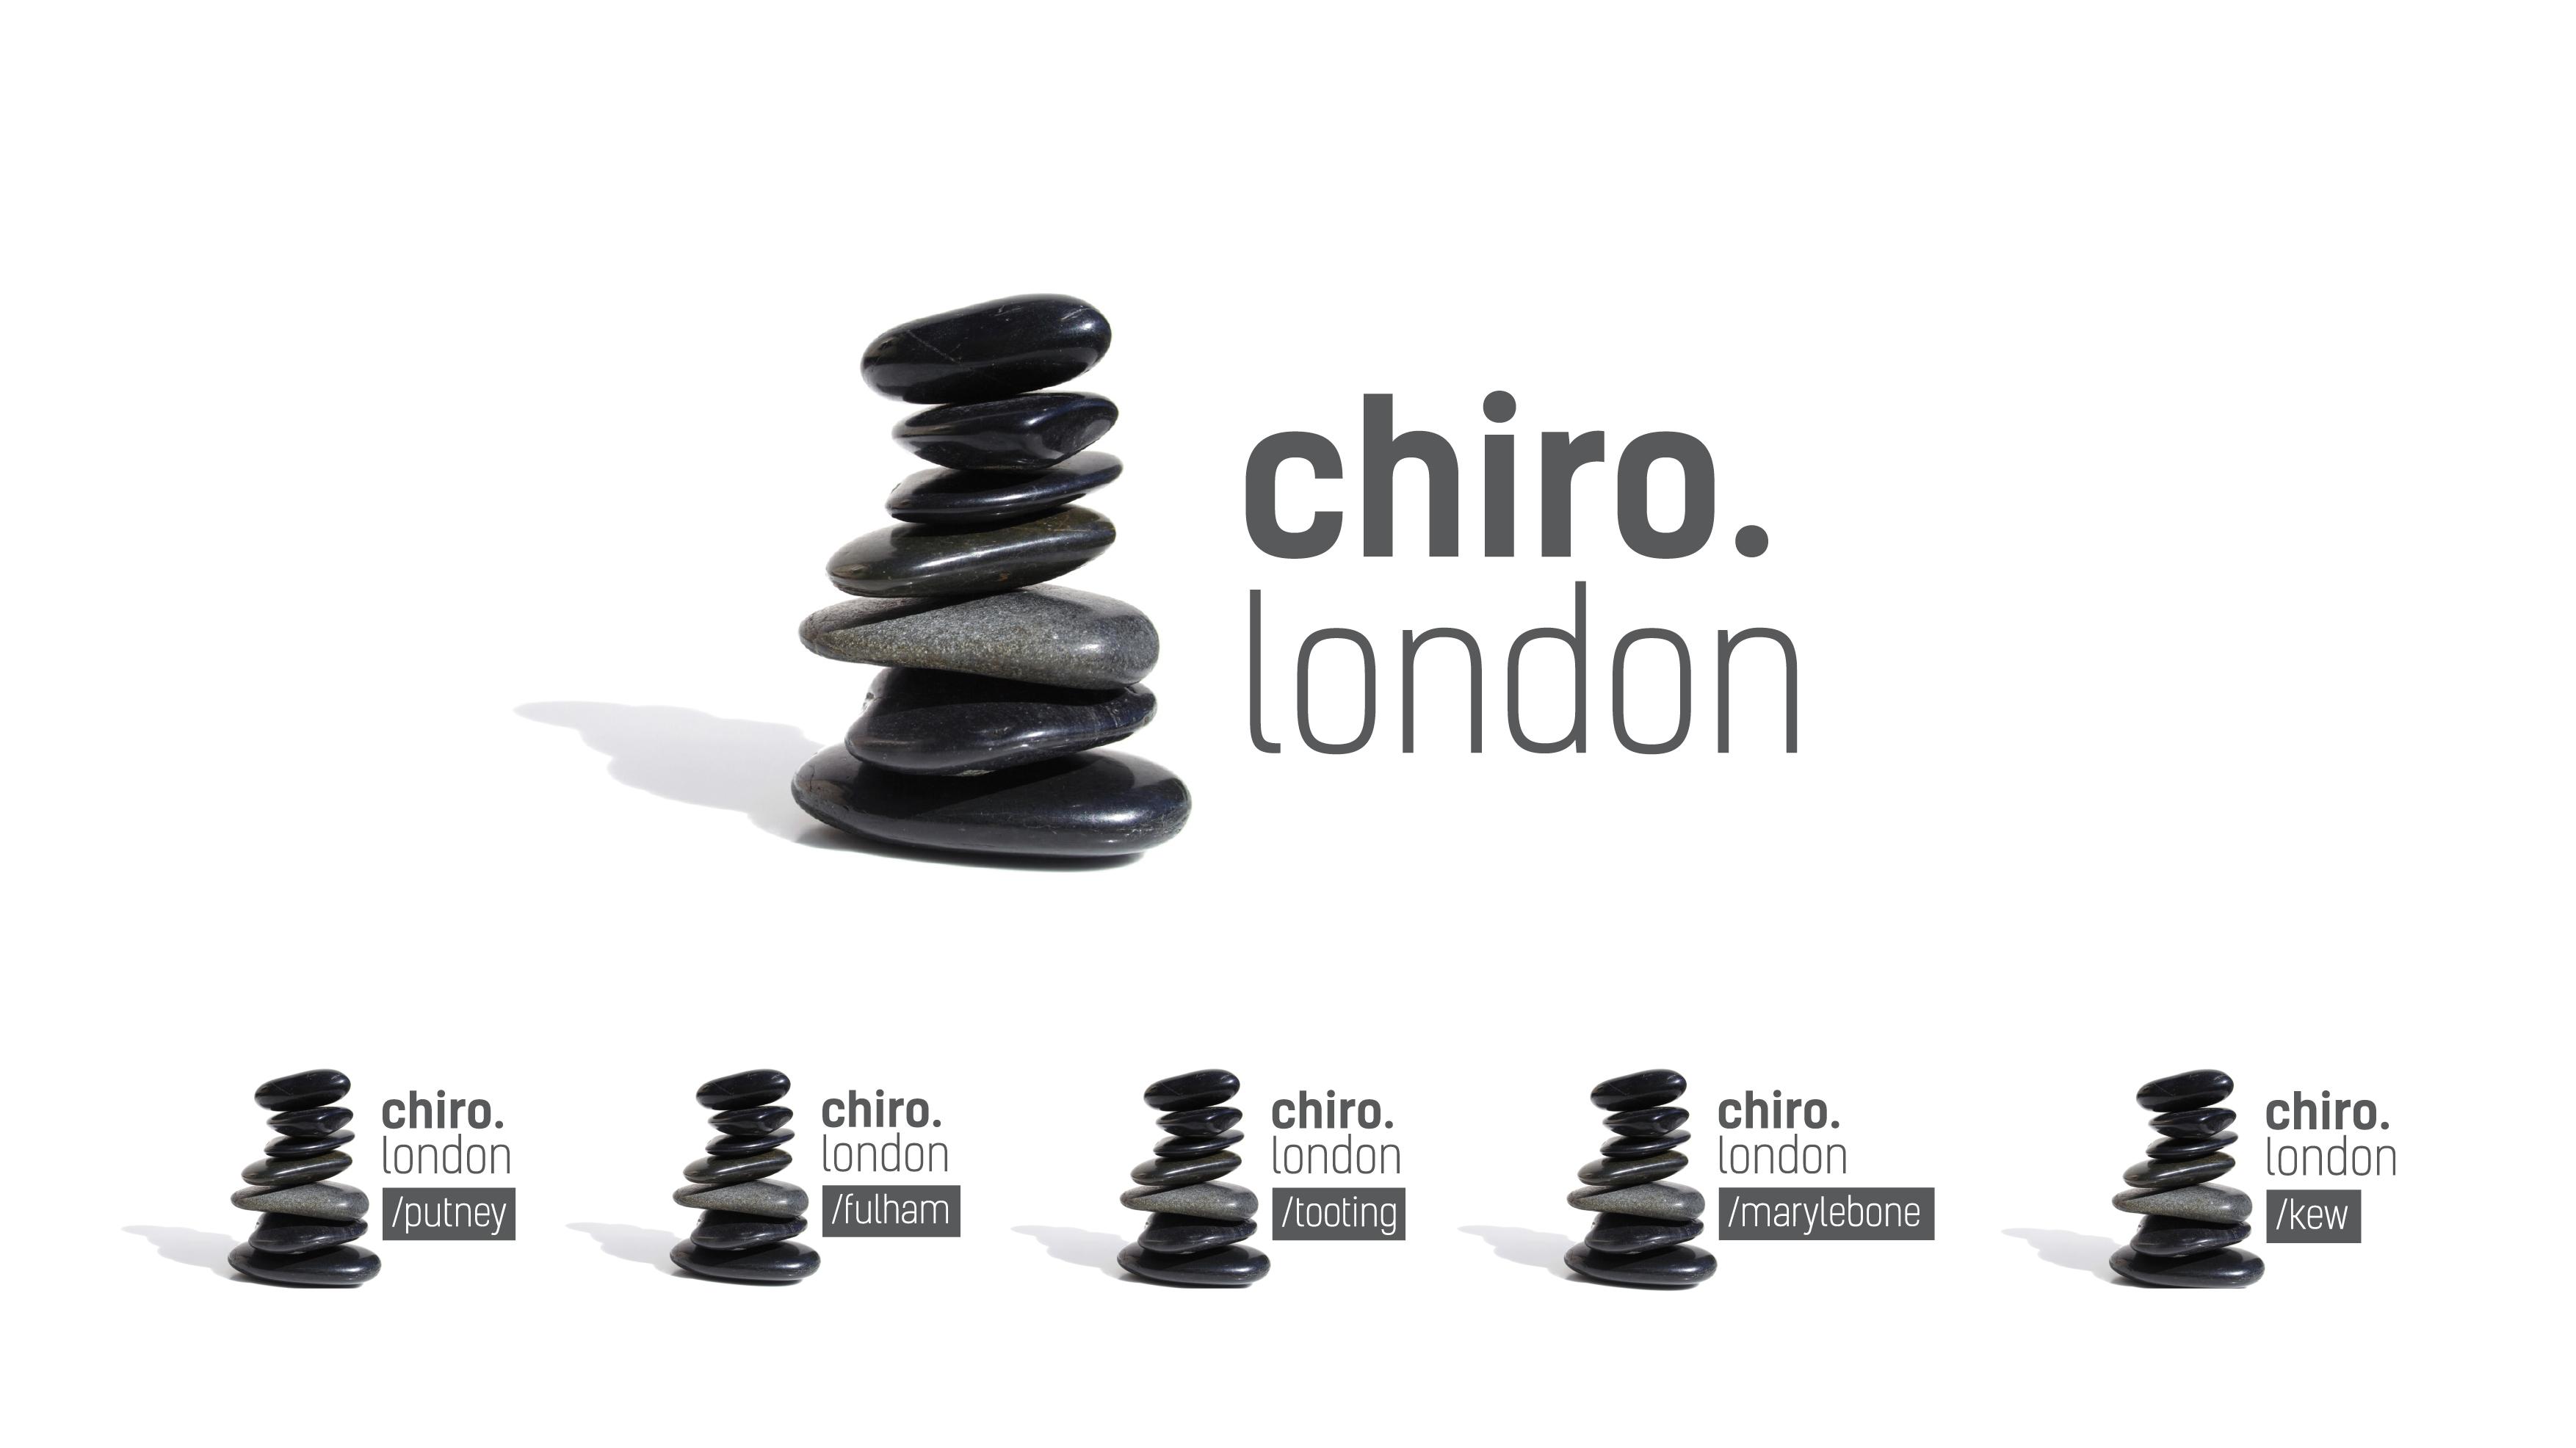 Chiro.london_1